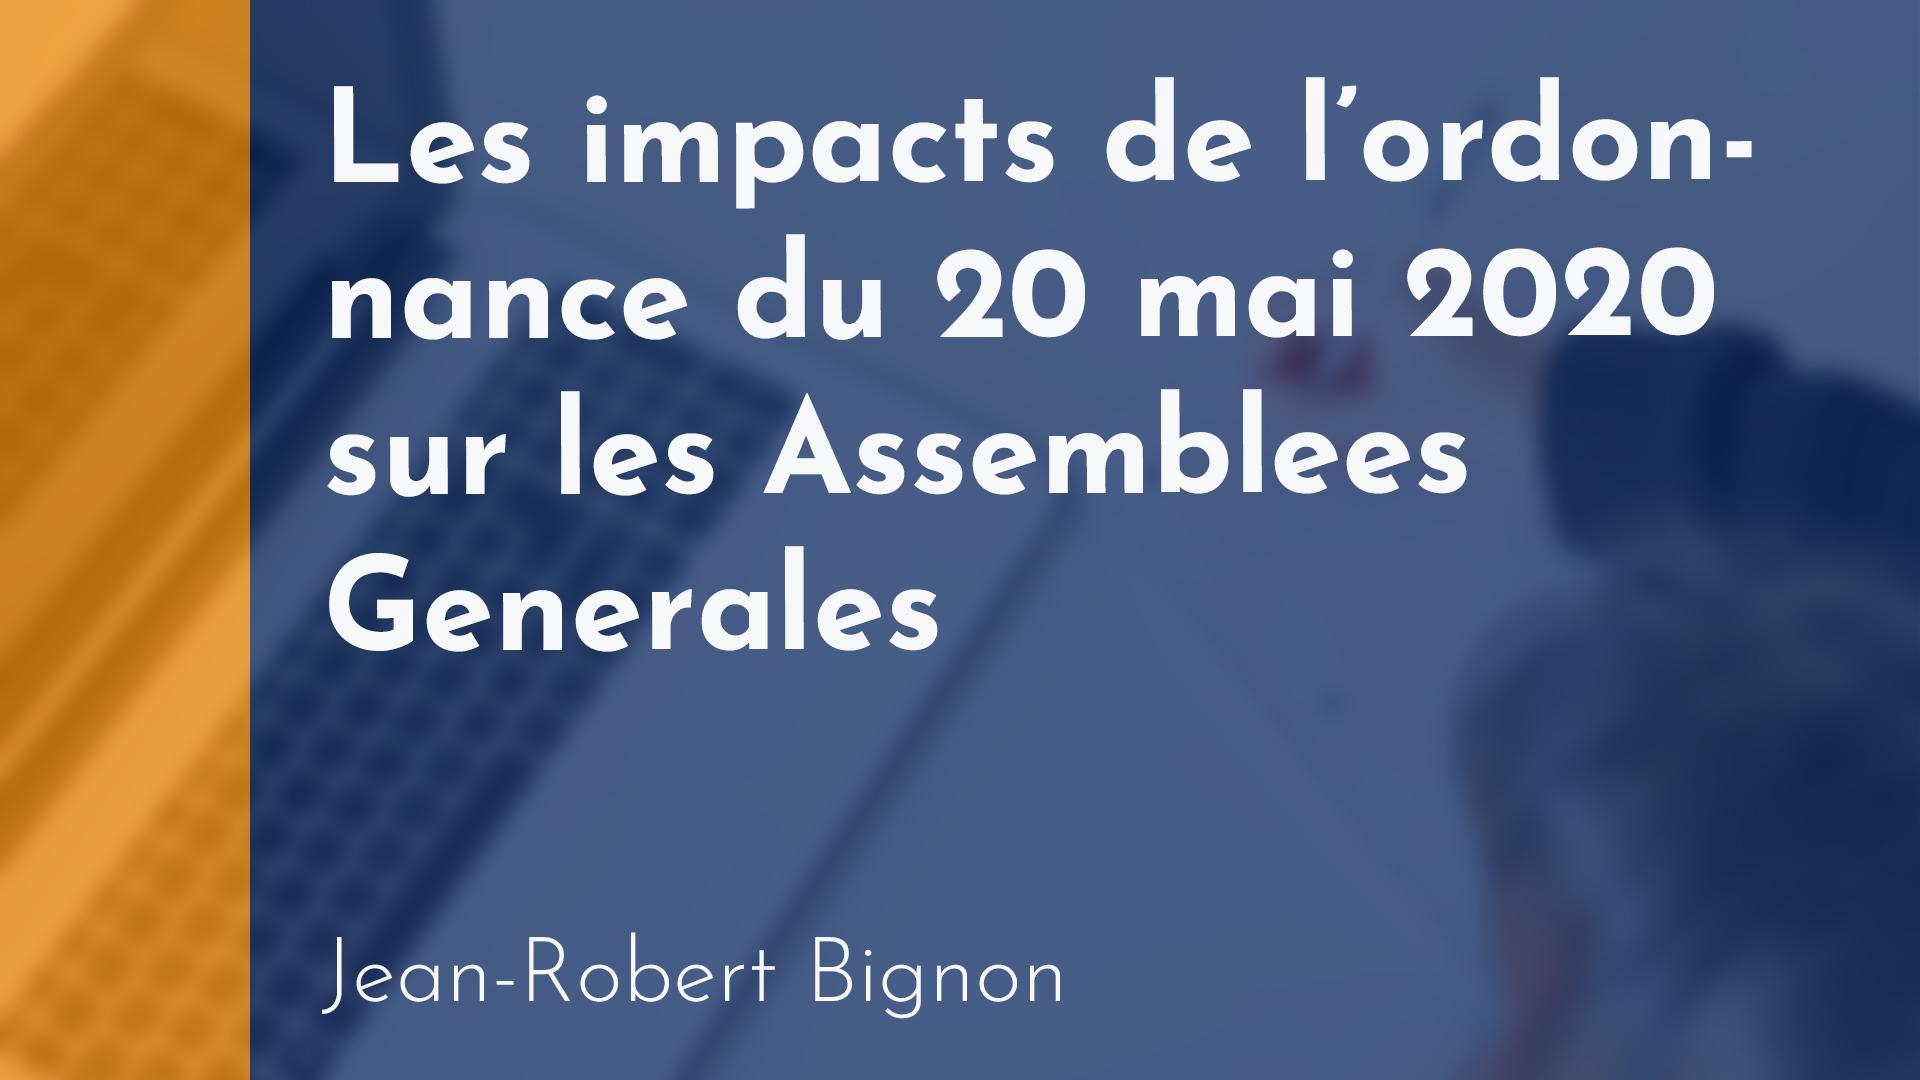 Copropriété - Les impacts de l'ordonnance du 20 mai 2020 sur les Assemblées Générales - Jean-Robert Bignon